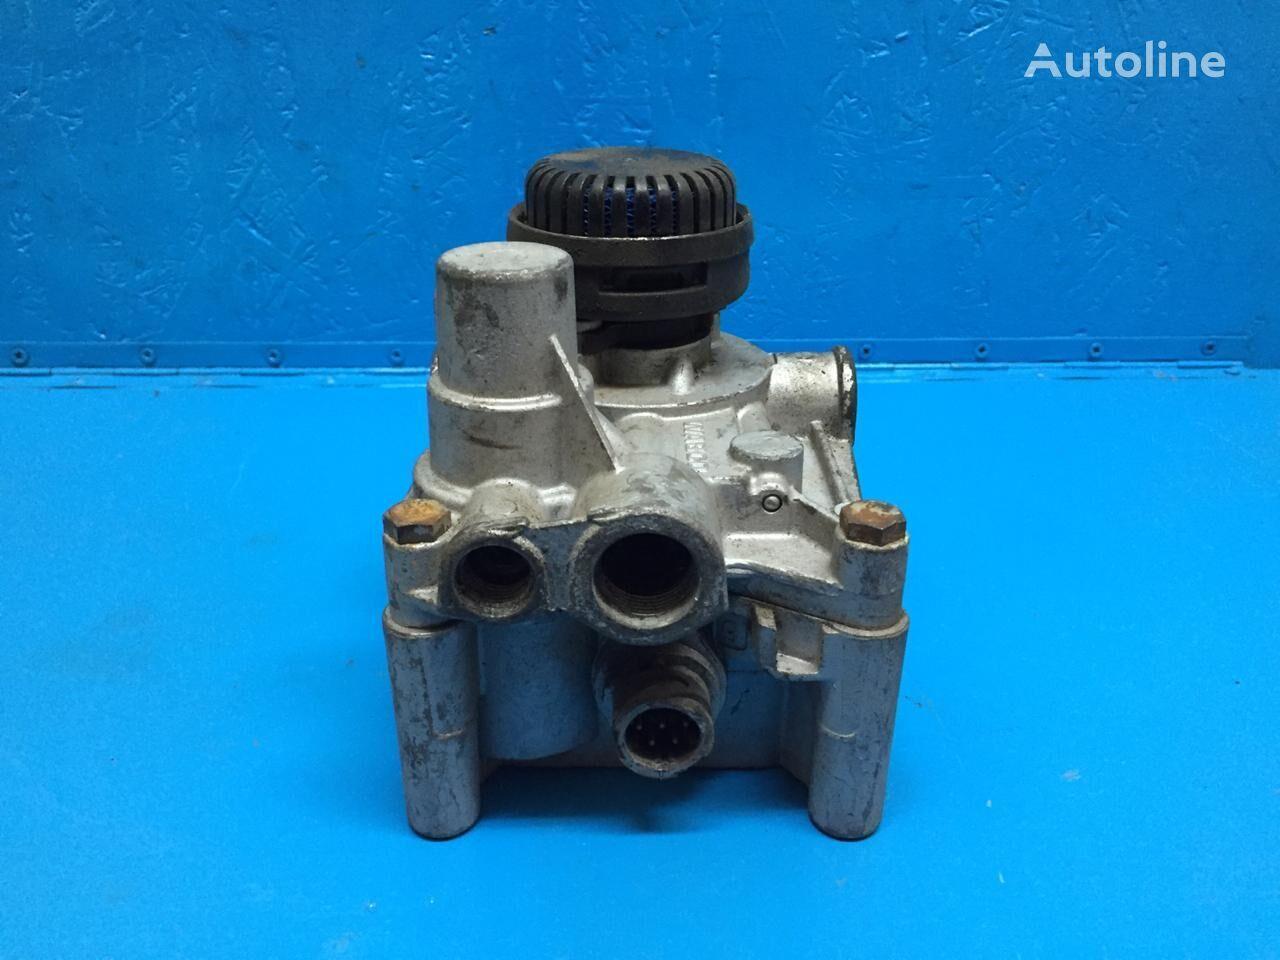 DAF uskoritelnyy,tormoznoy valve for DAF truck